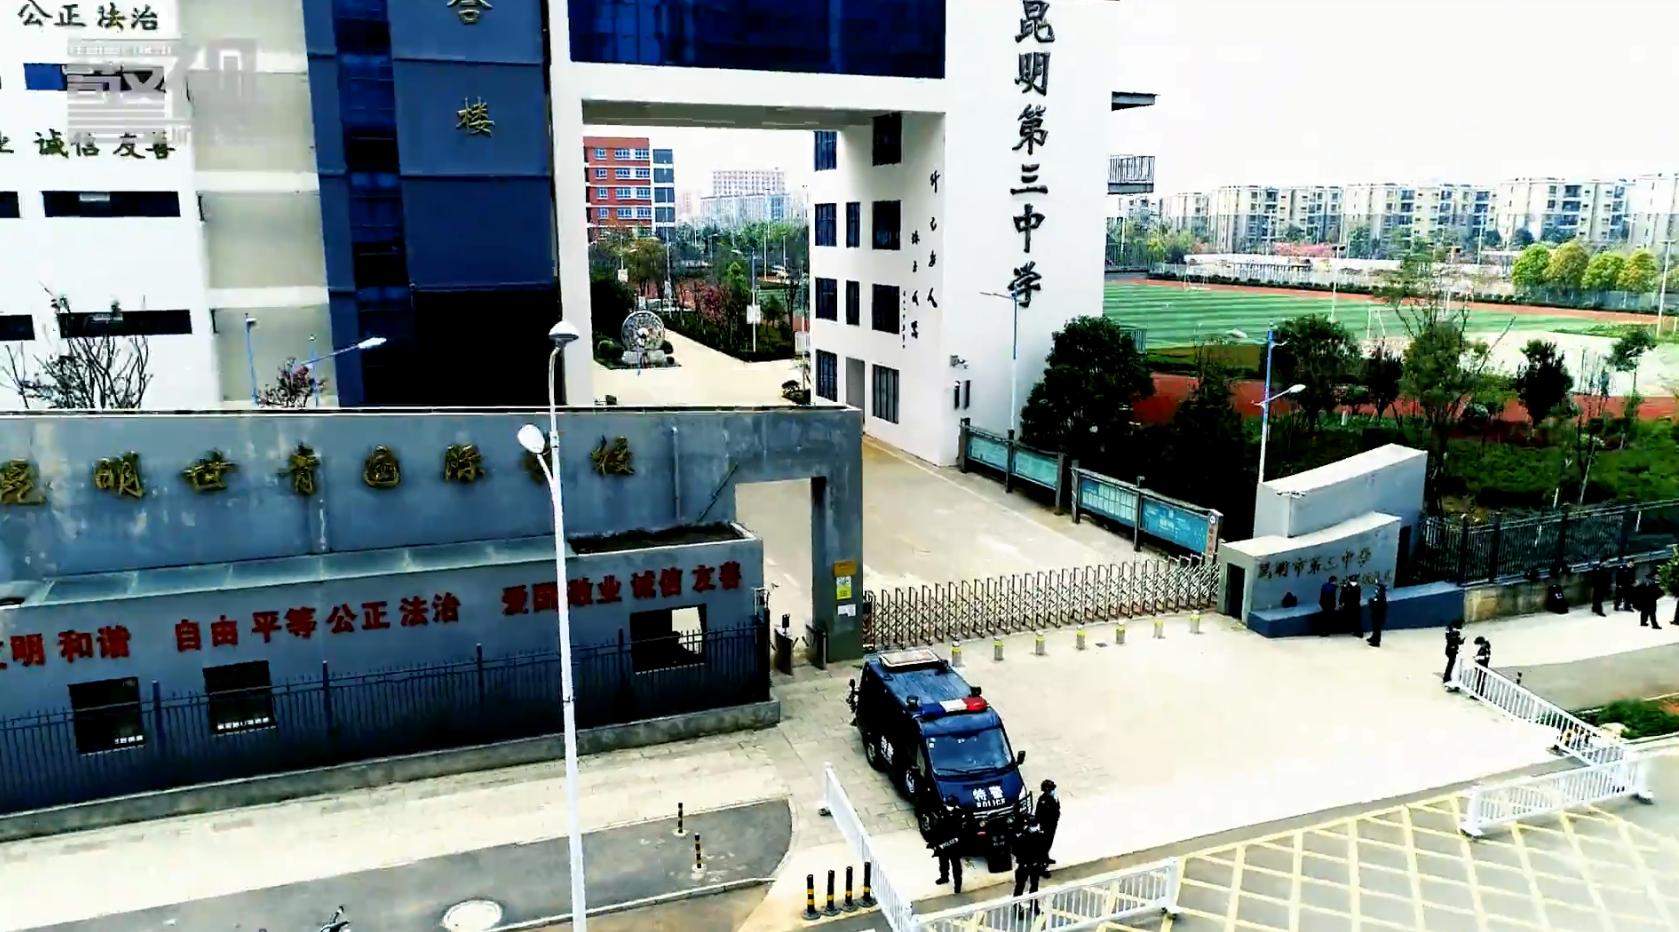 复学复课在即,昆明警方全力打造护校安园防护圈